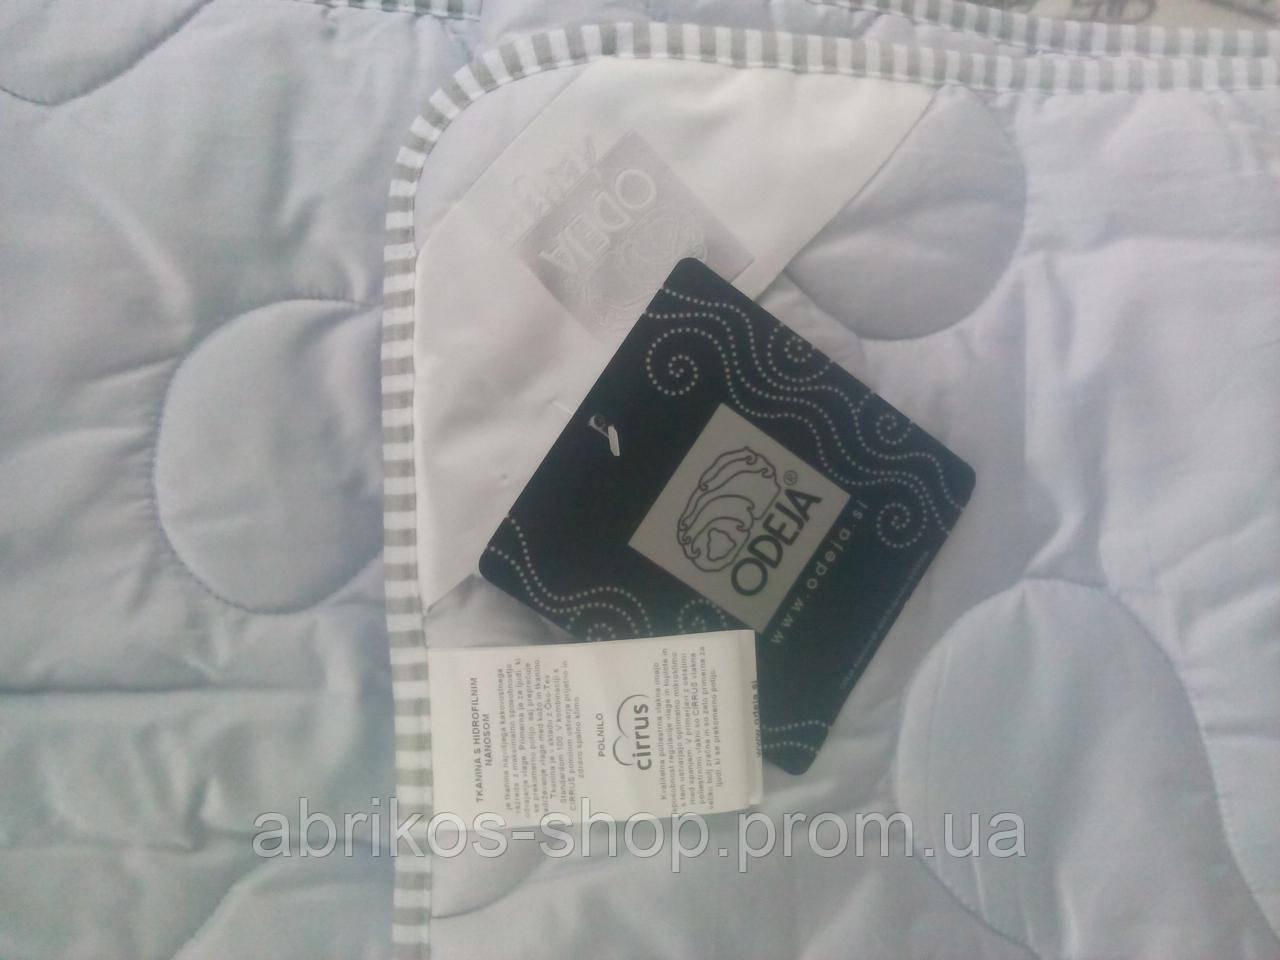 Одеяло антиаллергенное - Cirrusfil Light quilt (Словения)